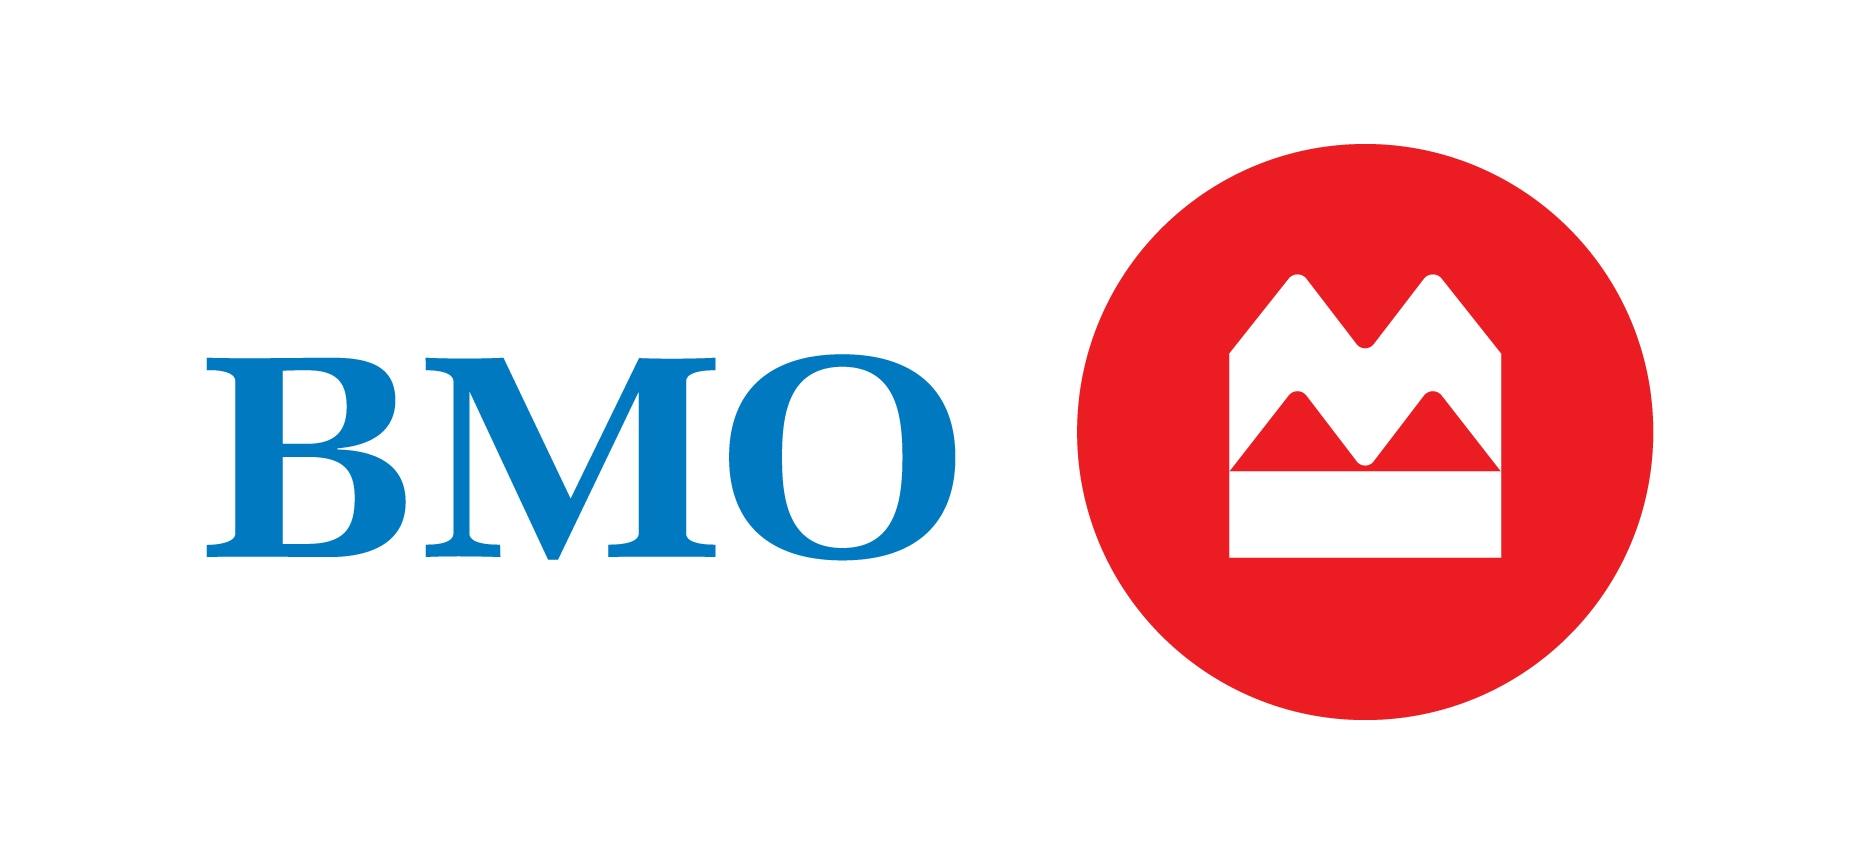 BMO_2.JPG